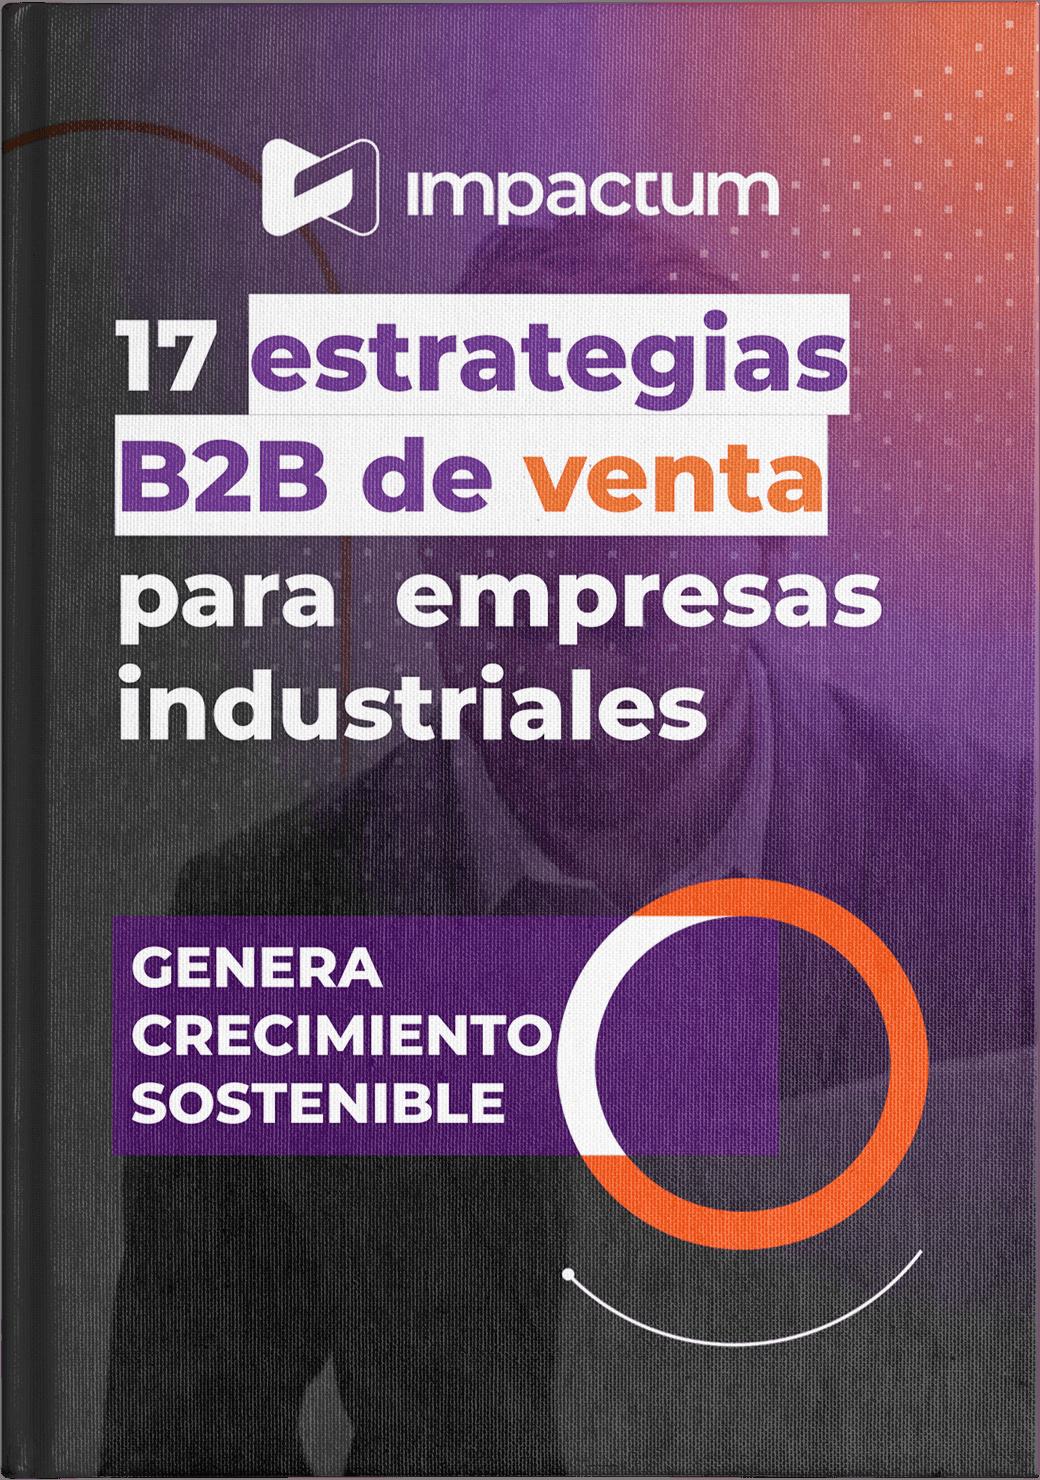 17-estrategias-para-empresas-industriales